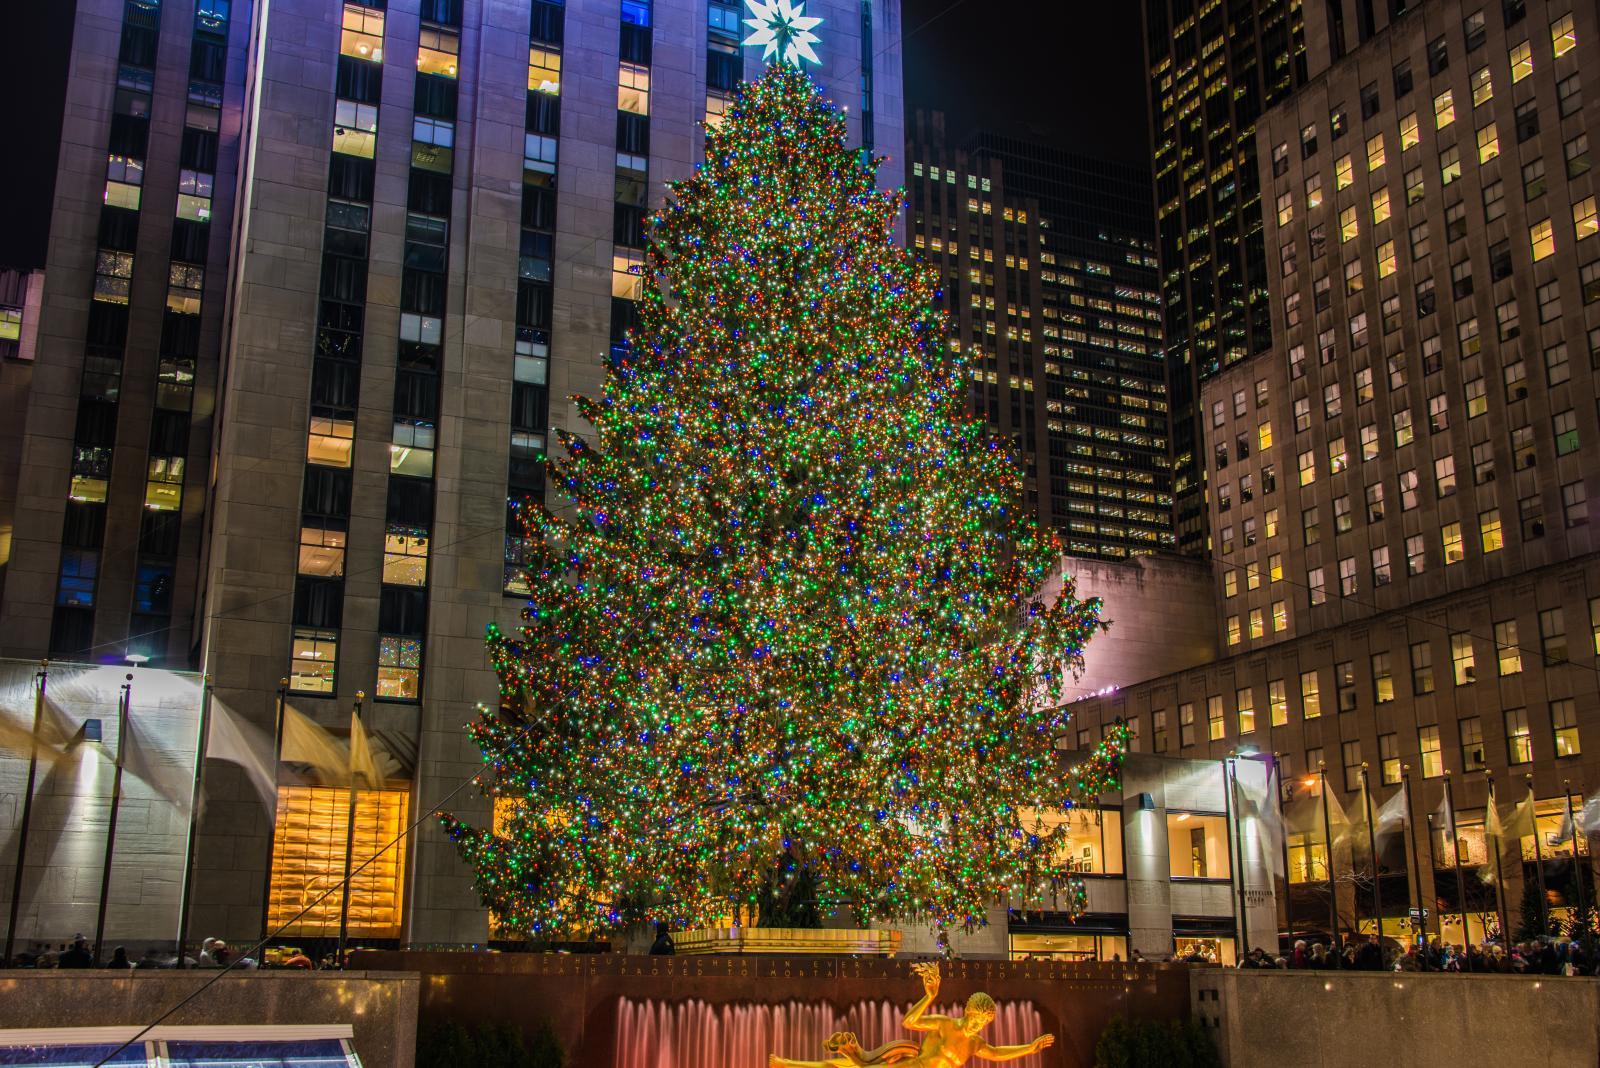 Navidad en Nueva York: Arbol del Rockefeller Center